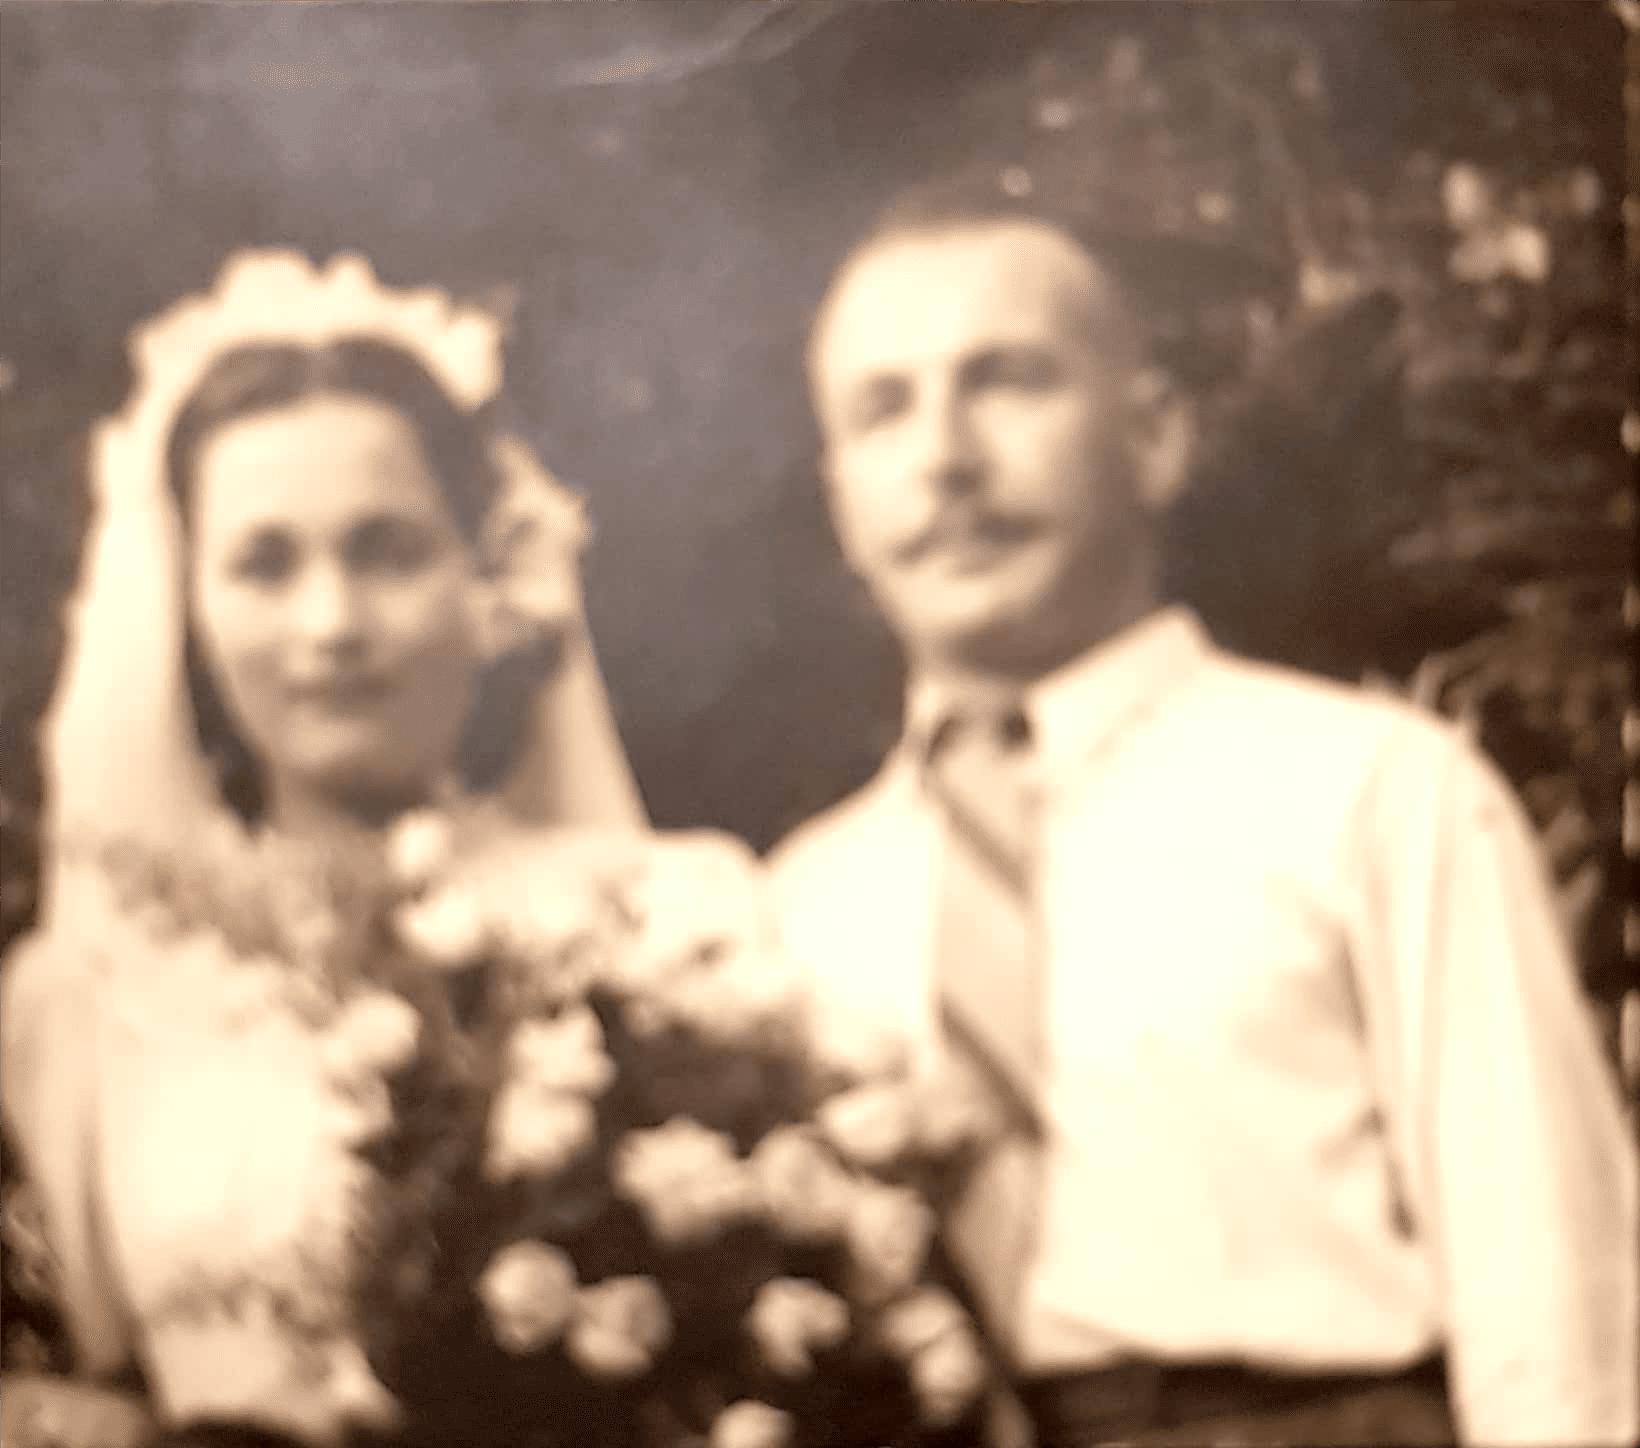 מרוז אריה ביום חתונתו עם רות